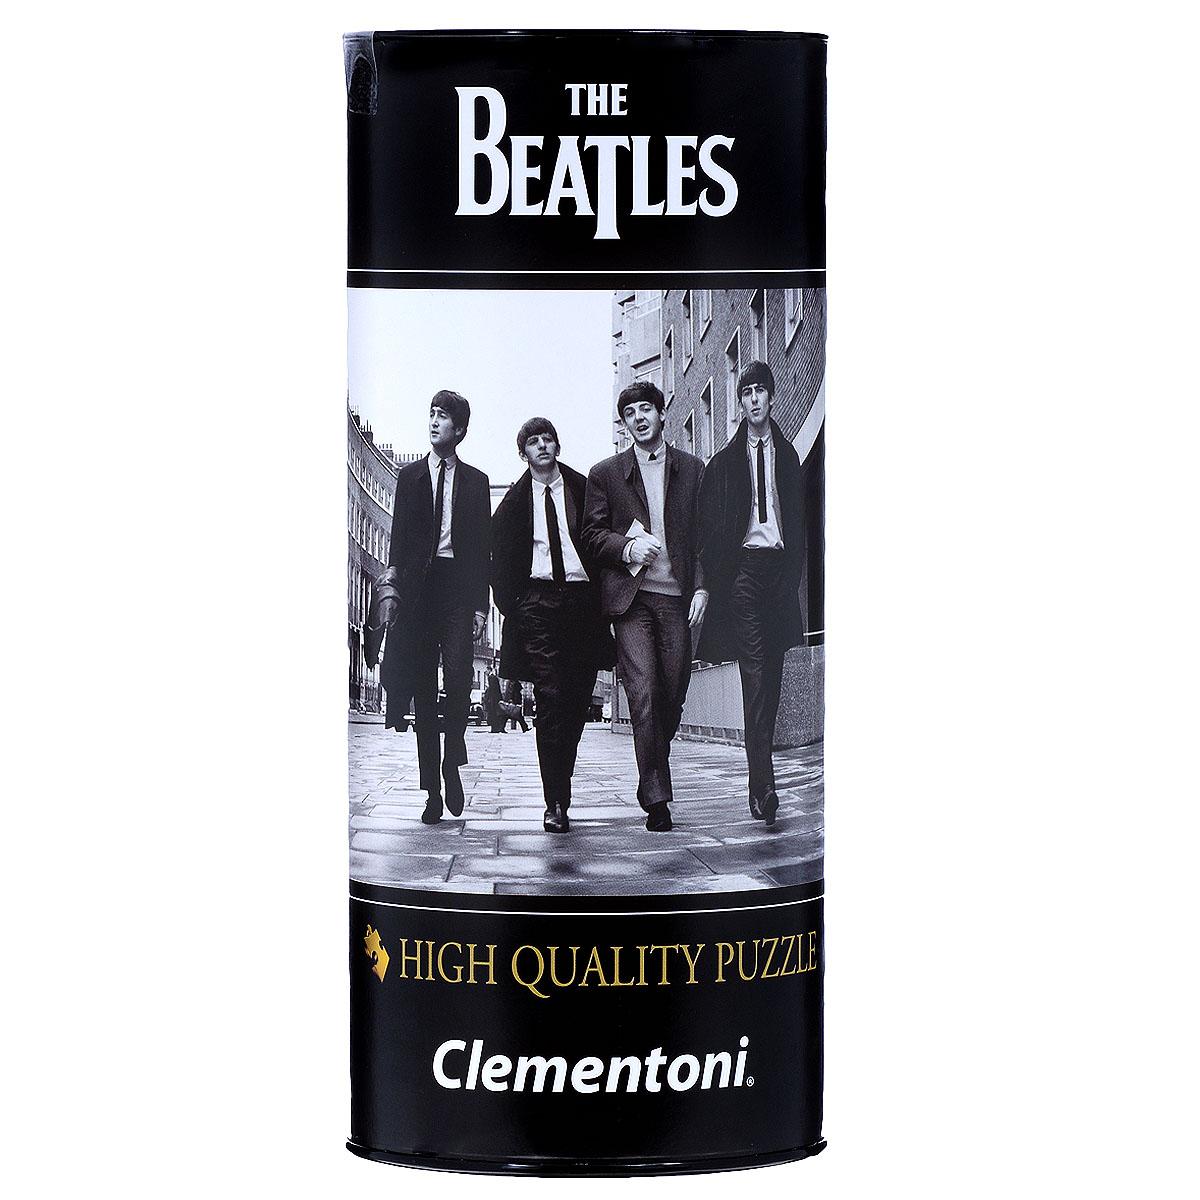 The Beatles, Love Me Do. Пазл, 500 элементов21202Пазл Clementoni The Beatles. Love Me Do, без сомнения, придется по душе любому поклоннику знаменитой четверки. Собрав этот пазл, включающий в себя 500 элементов, вы получите картину с фотографией группы The Beatles, прогуливающихся в Лондоне по Гилфорд Стрит. Фотография сделана известным фотографом Дезо Хофманом. Пазл - великолепная игра для семейного досуга. Сегодня собирание пазлов стало особенно популярным, главным образом, благодаря своей многообразной тематике, способной удовлетворить самый взыскательный вкус. А для детей это не только интересно, но и полезно. Собирание пазла развивает мелкую моторику у ребенка, тренирует наблюдательность, логическое мышление, знакомит с окружающим миром, с цветом и разнообразными формами.